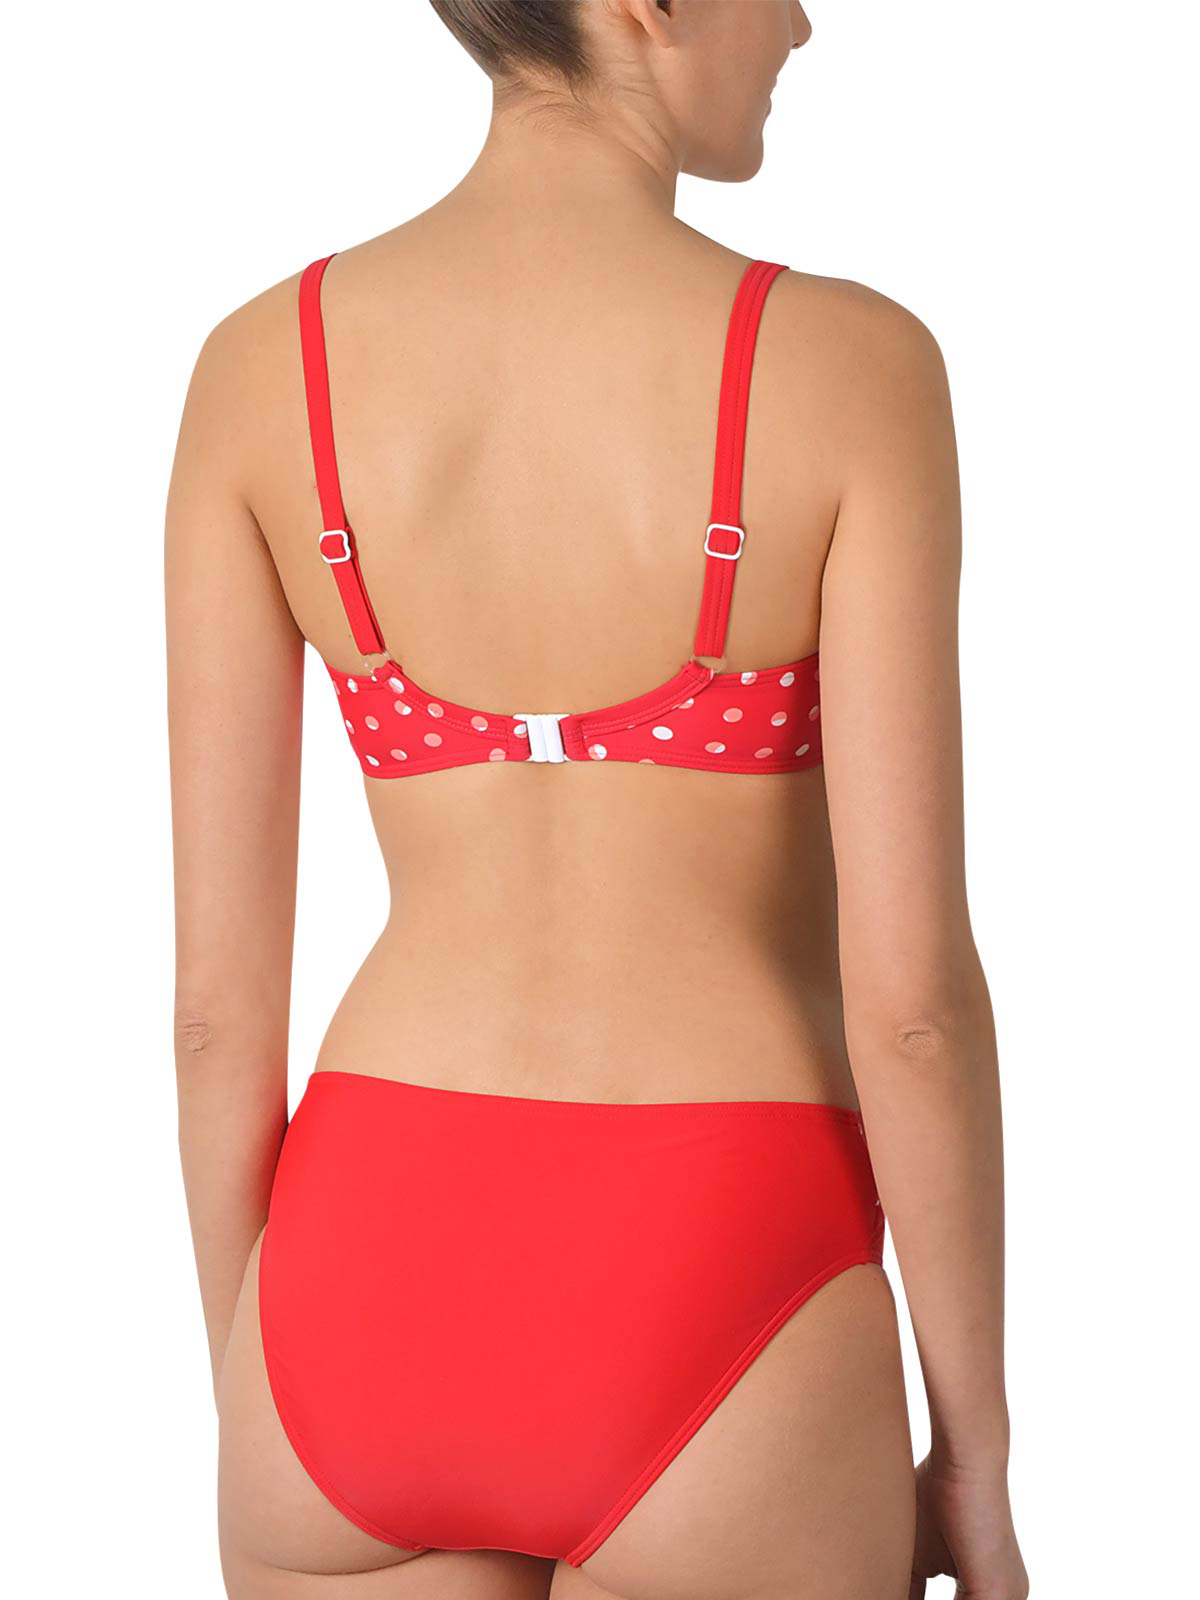 NATURANA Bügel Bikini 72499 Gr. 36-48 B-G